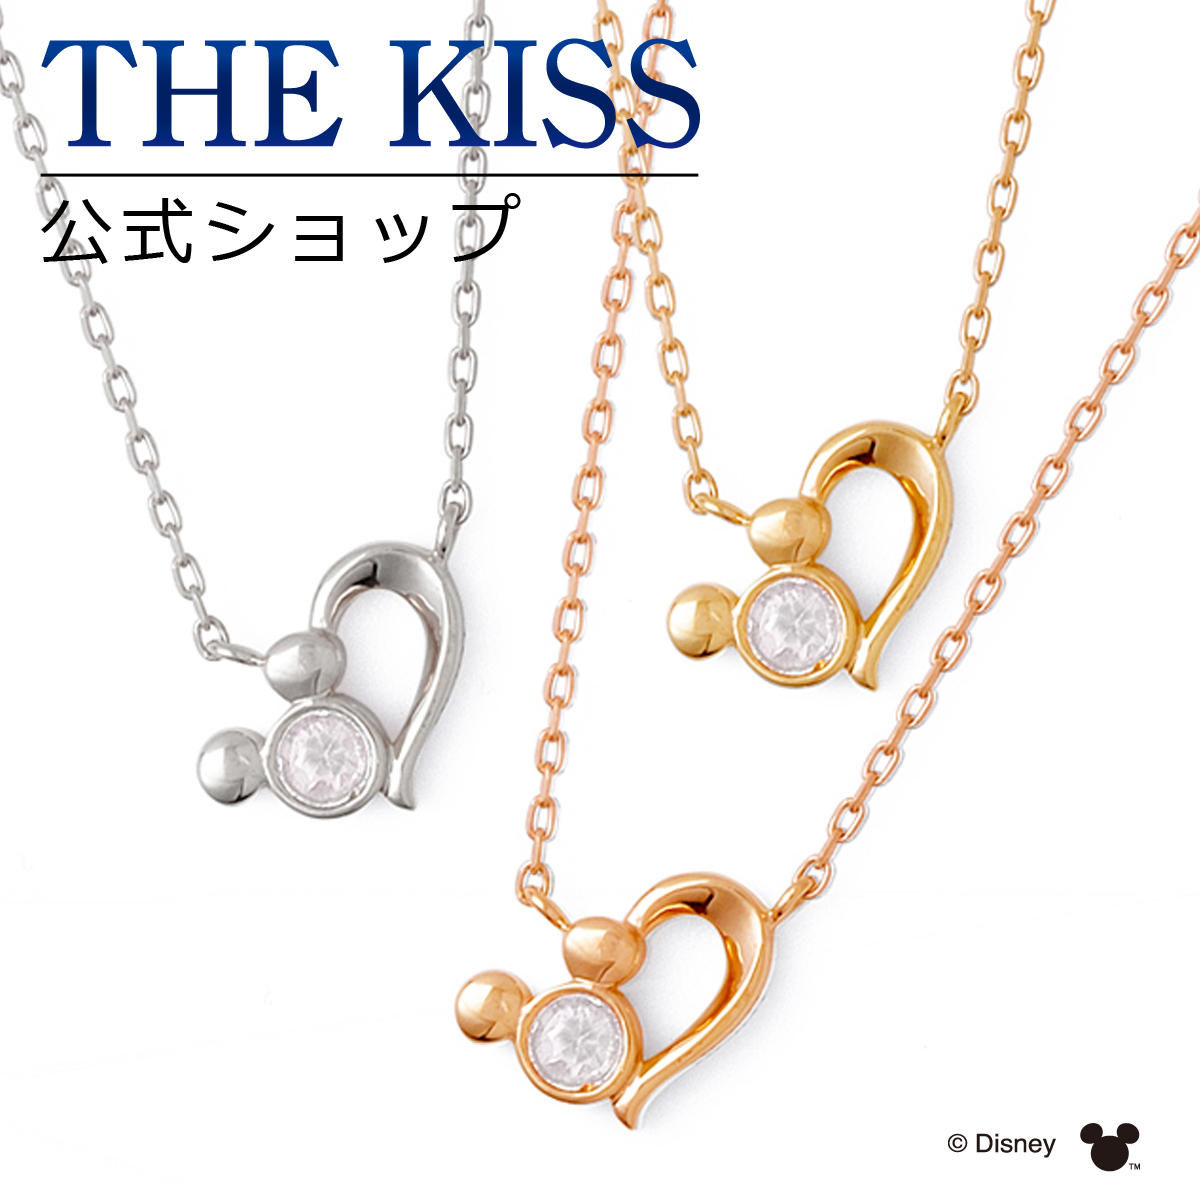 【ディズニーコレクション】 ディズニー / ネックレス / 隠れミッキーマウス / THE KISS レディース ネックレス・ペンダント ゴールド 誕生石 (レディース 単品) DI-ORDER1845DM ザキス 【代引不可】【送料無料】【Disneyzone】